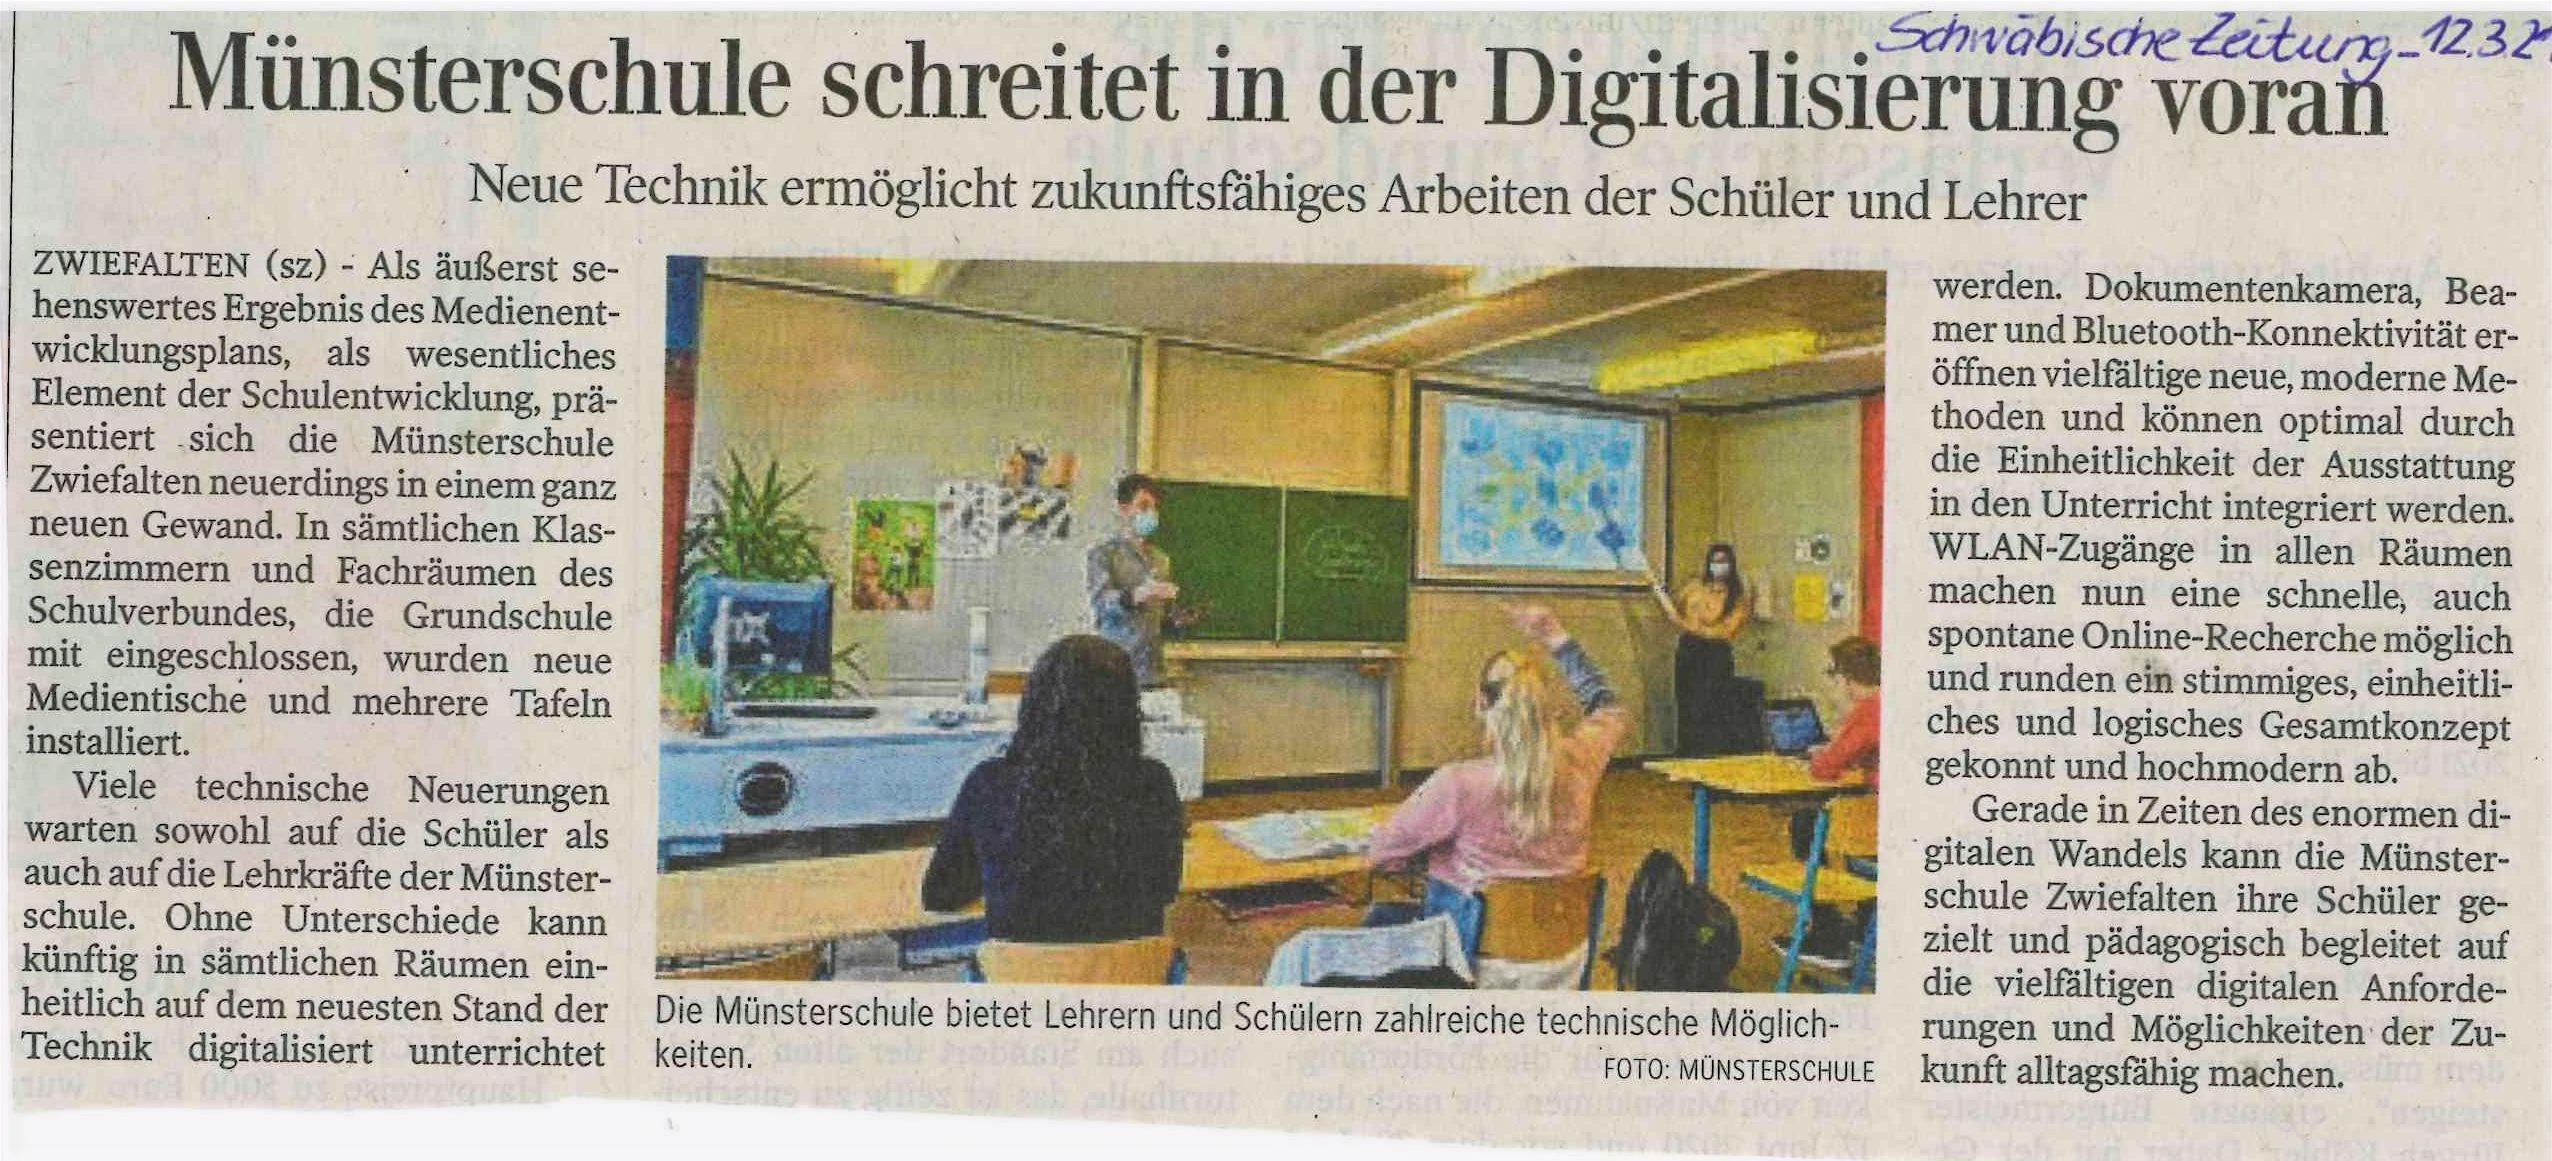 21_Schw%C3%A4bischeZeitung_12.03_edited.